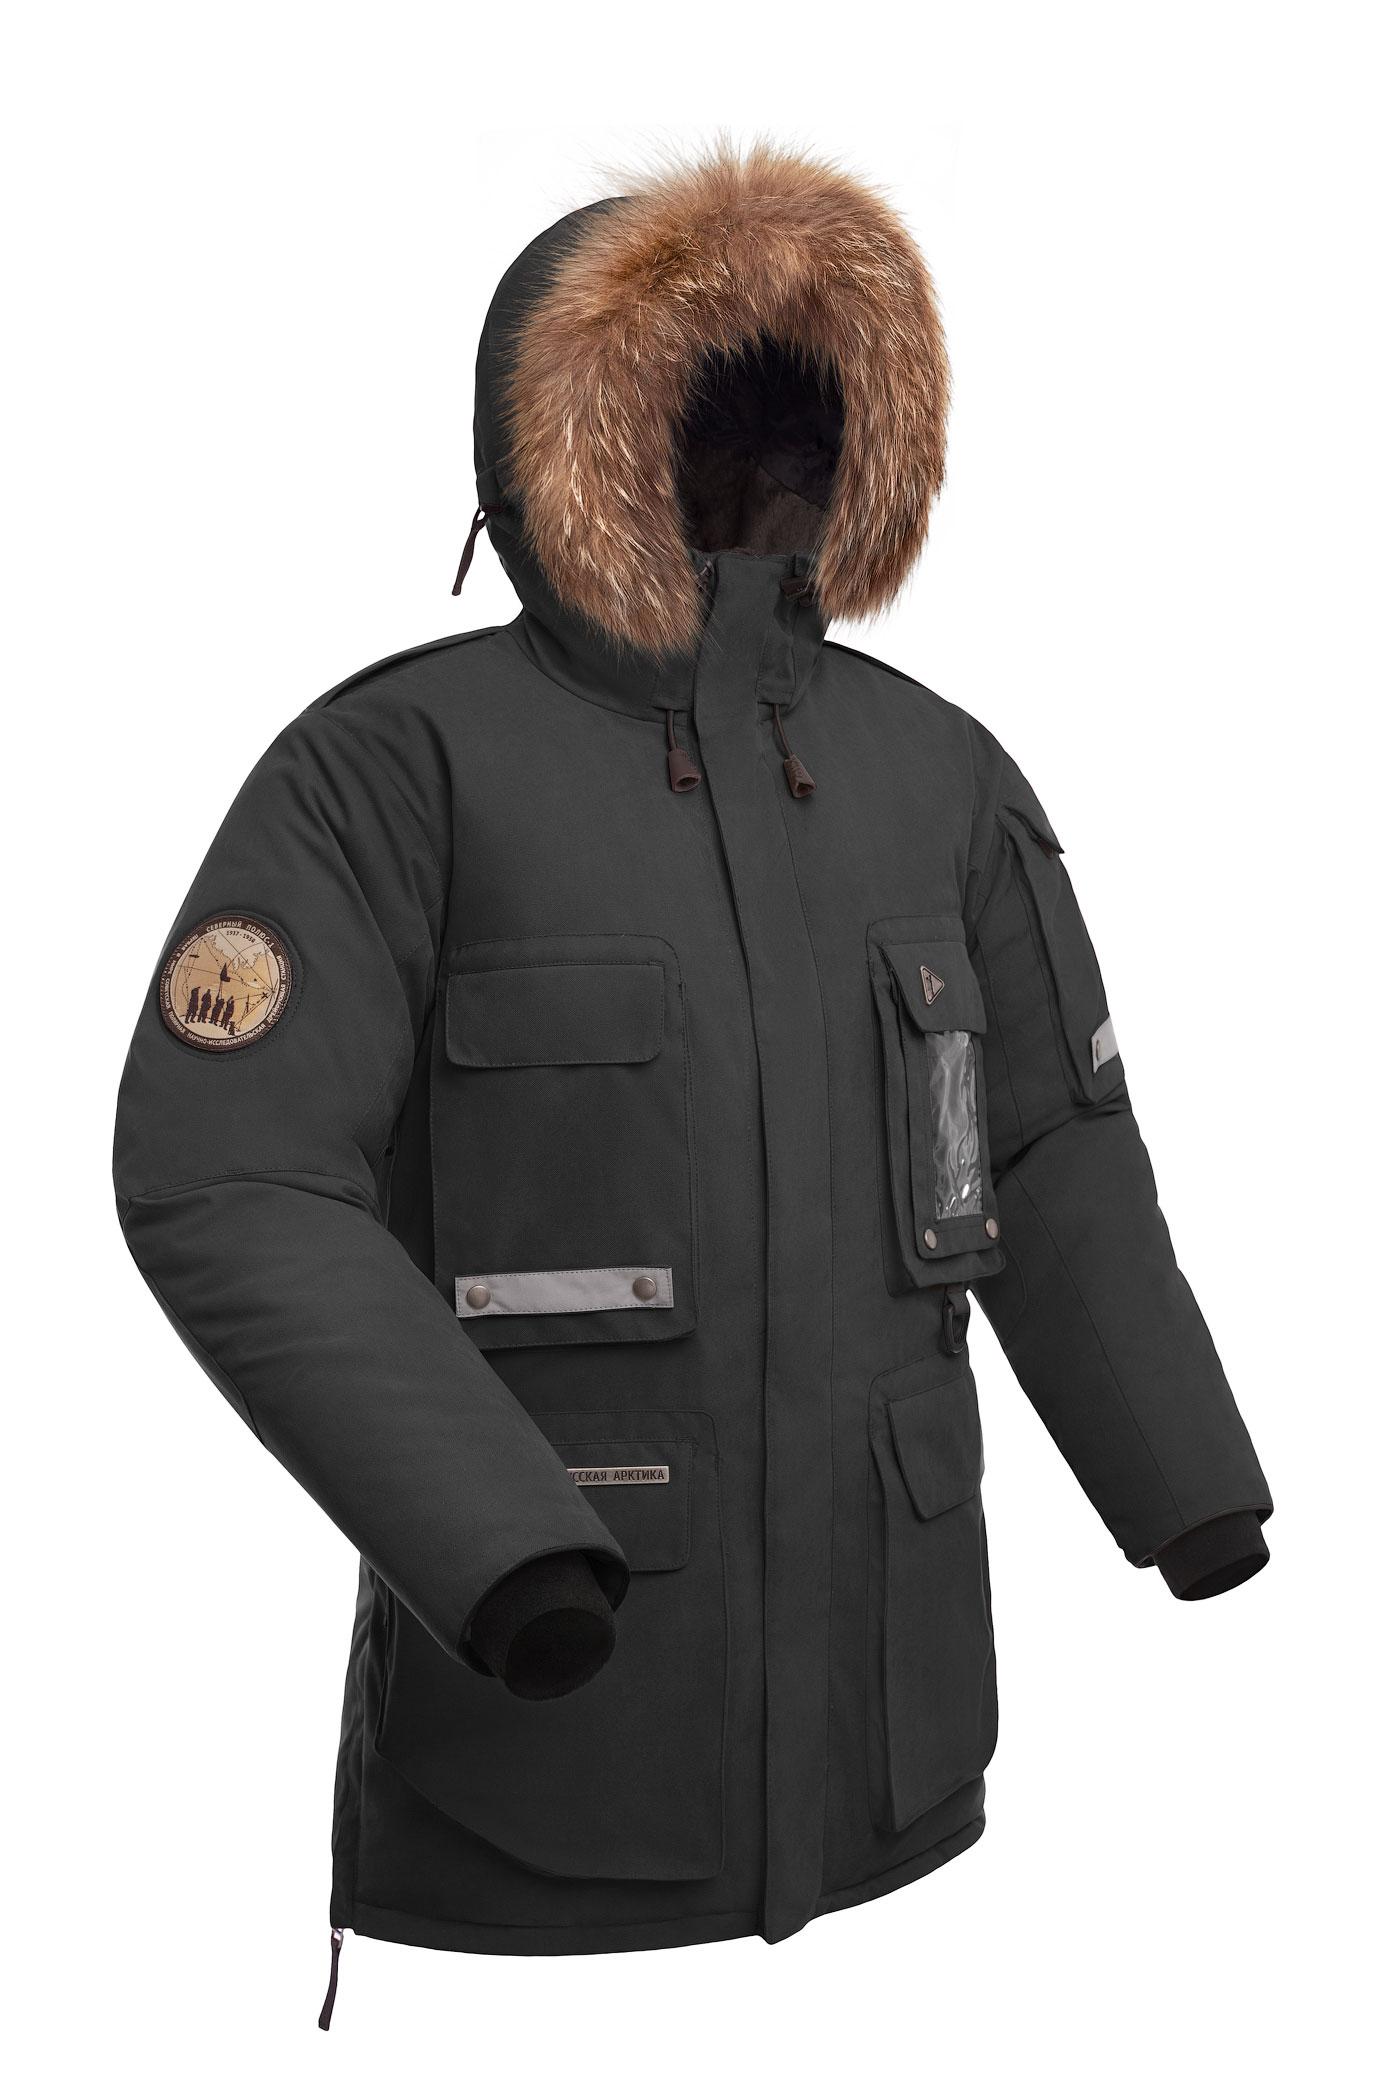 Куртка BASK ANABAR фото